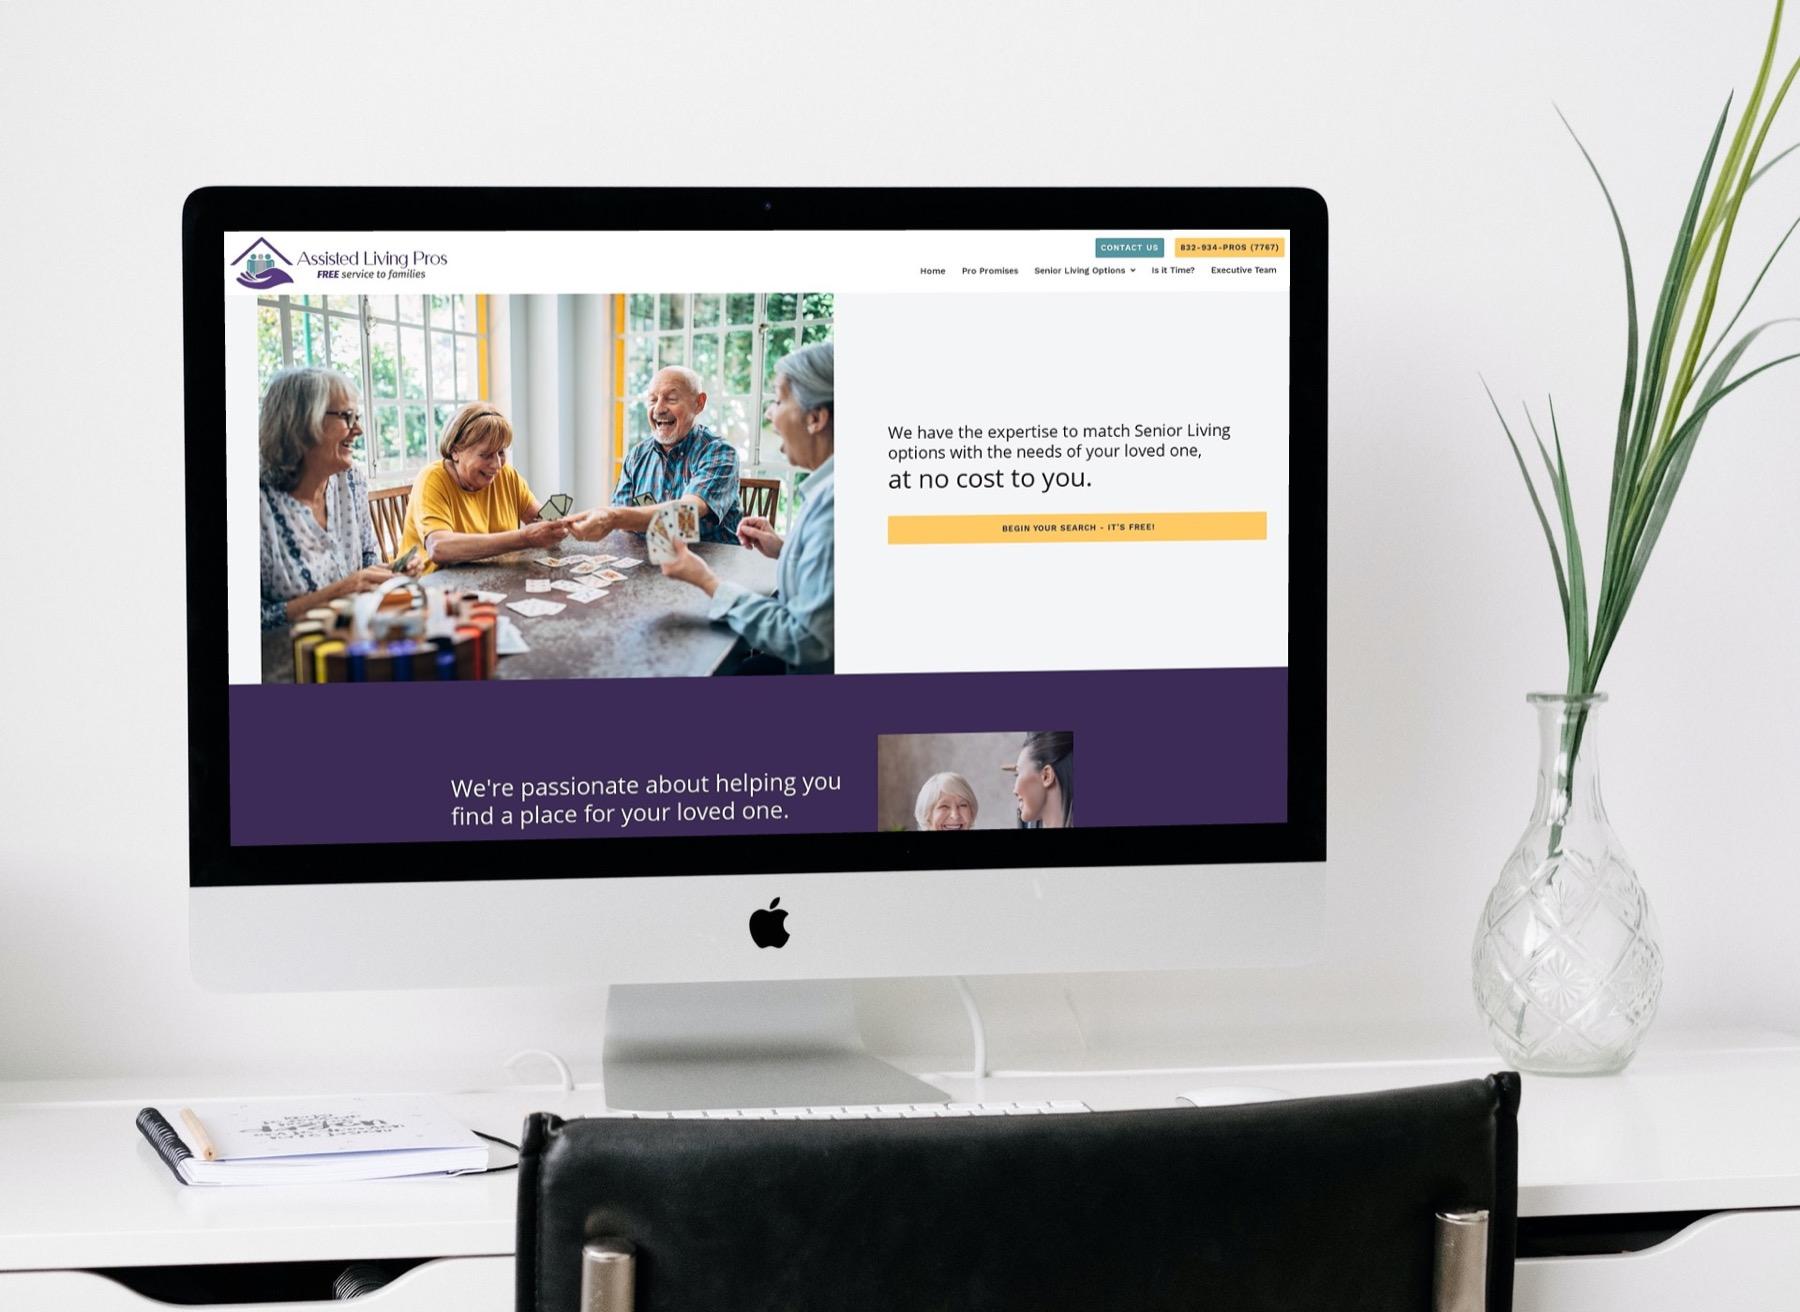 Assisted Living Pros Website Design - Desktop